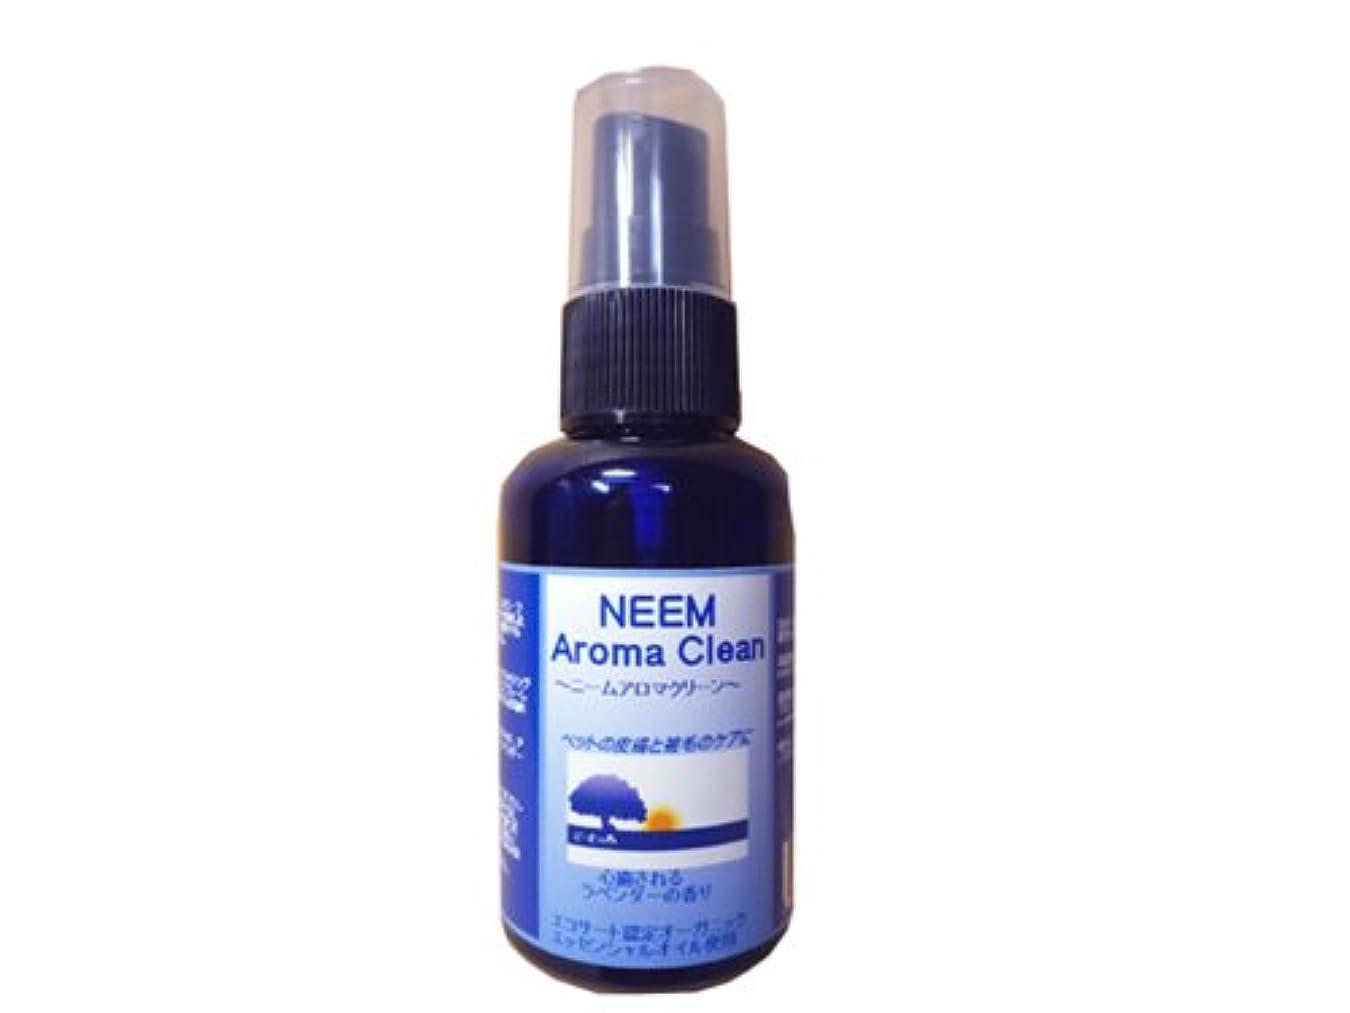 立証する胚コンサートニームアロマクリーン(ラベンダー) NEEM Aroma Clean 50ml 【BLOOM】【(ノミ?ダニ)駆除用としてもお使いいただけます。】